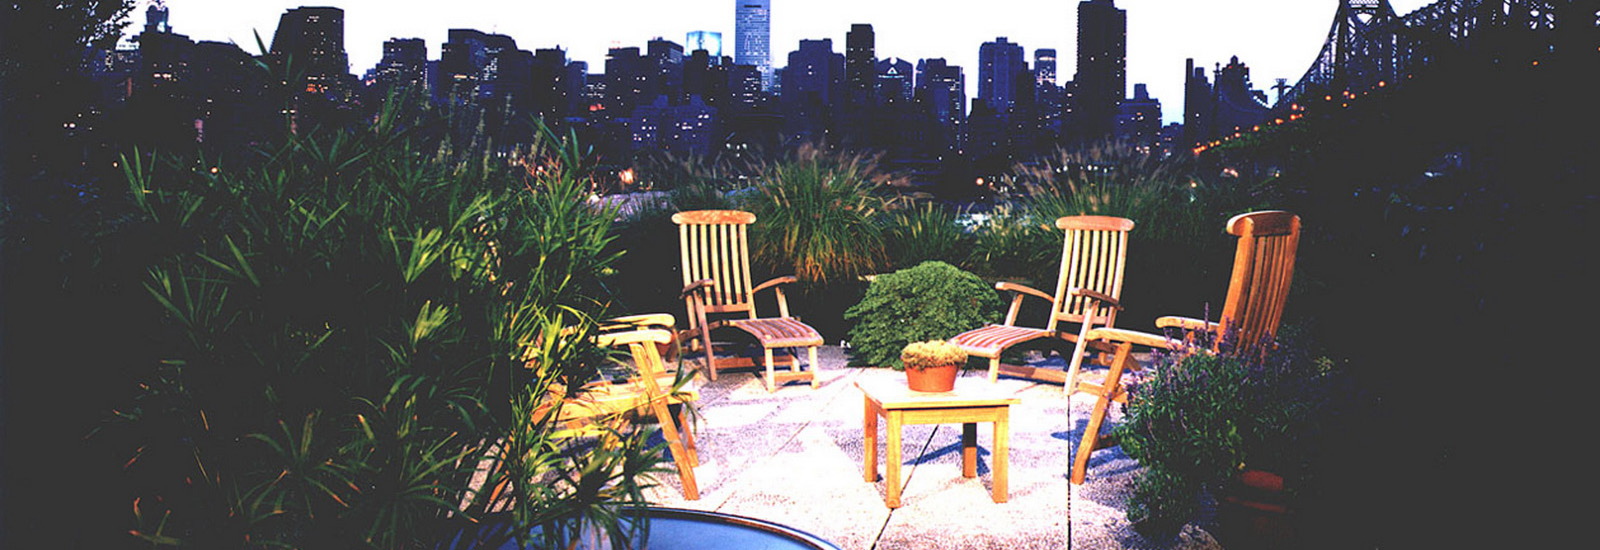 Our Garden-02